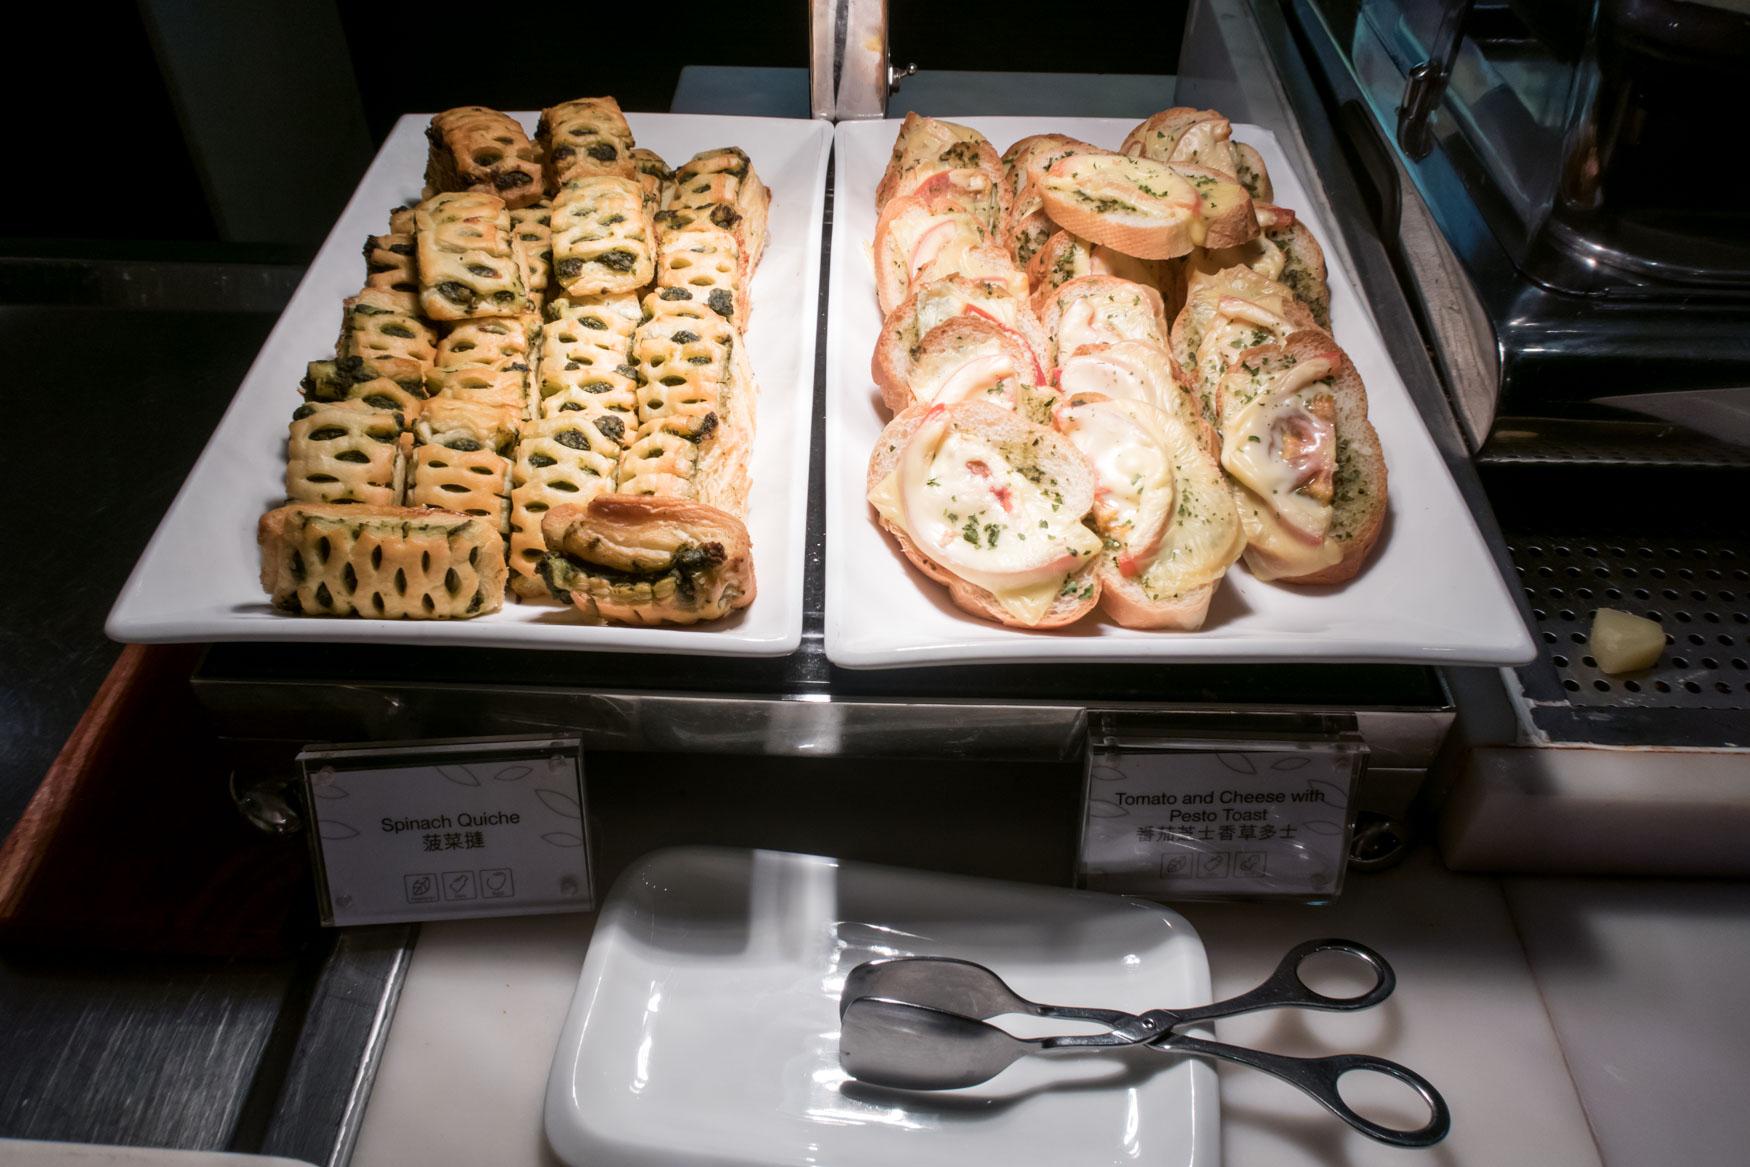 Warm Pastries